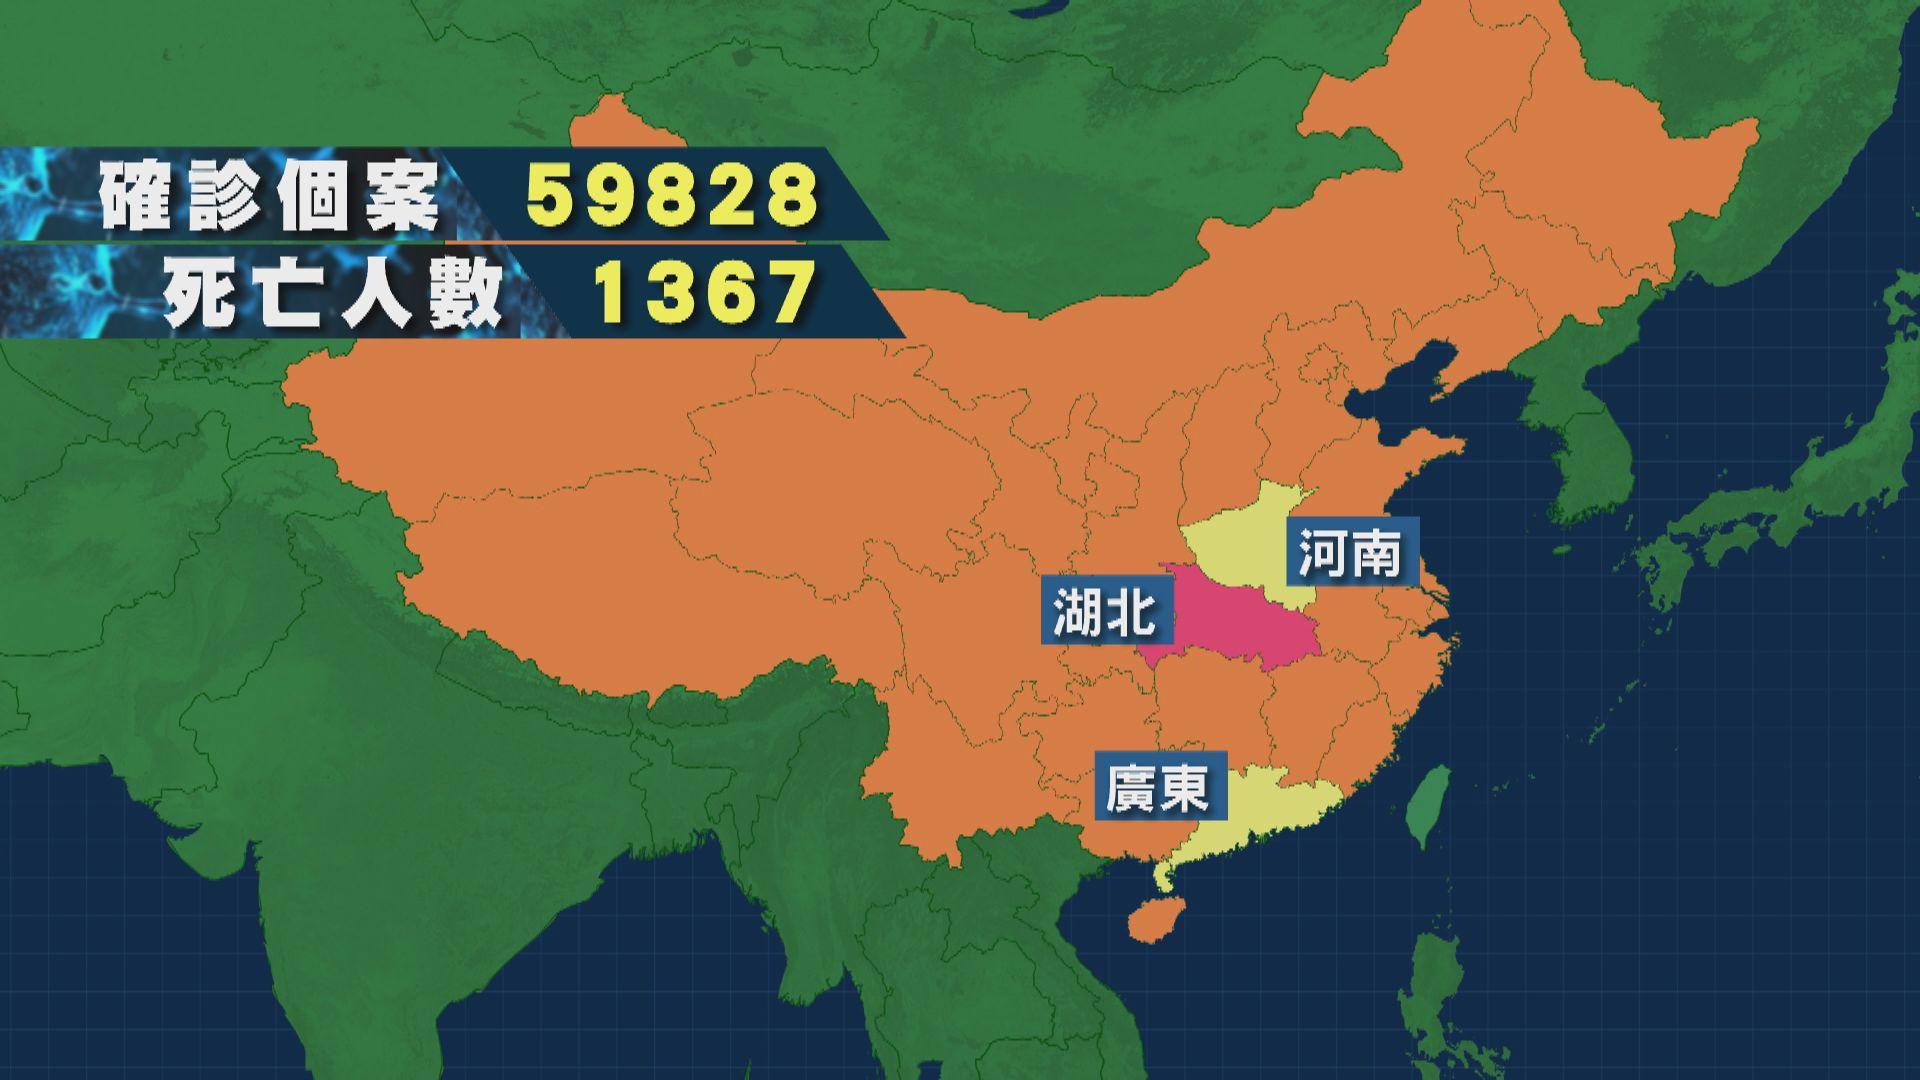 美國新增確診病例 患者早前乘包機由中國返美接受隔離